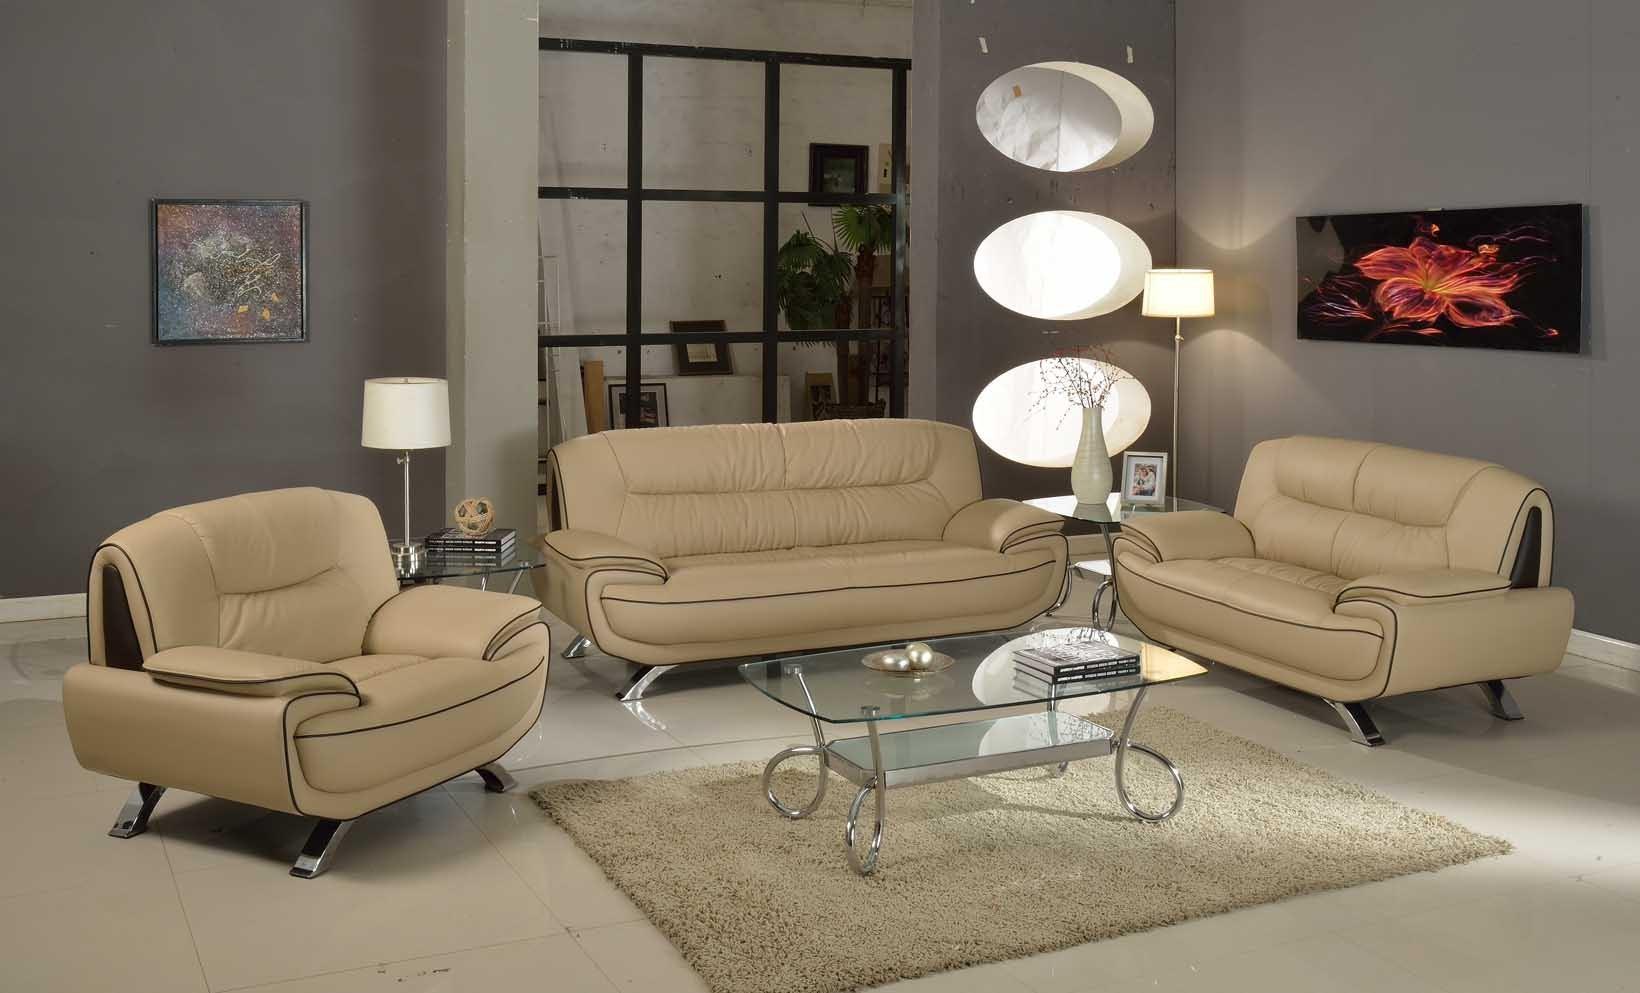 504 Modern Italian Leather Sofa Set Black - Leather Sofa ...